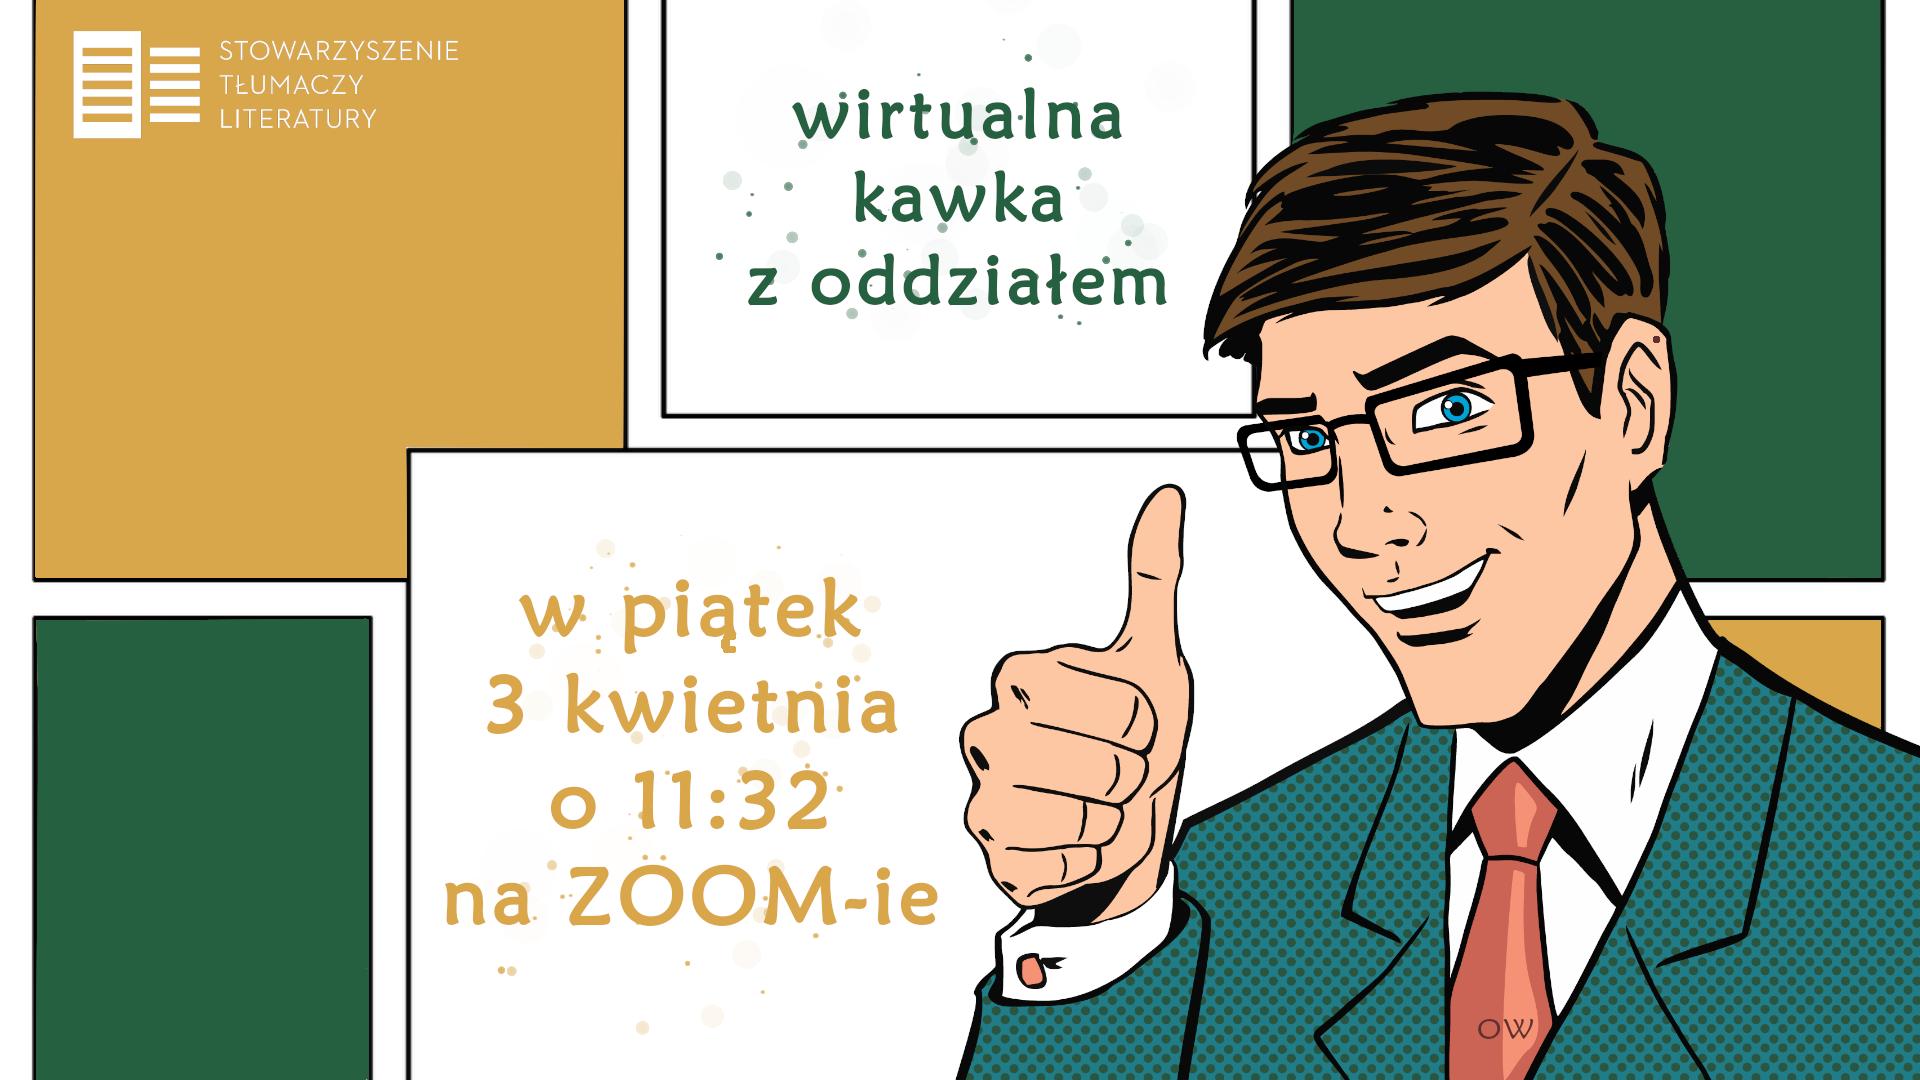 wirtualna kawa03